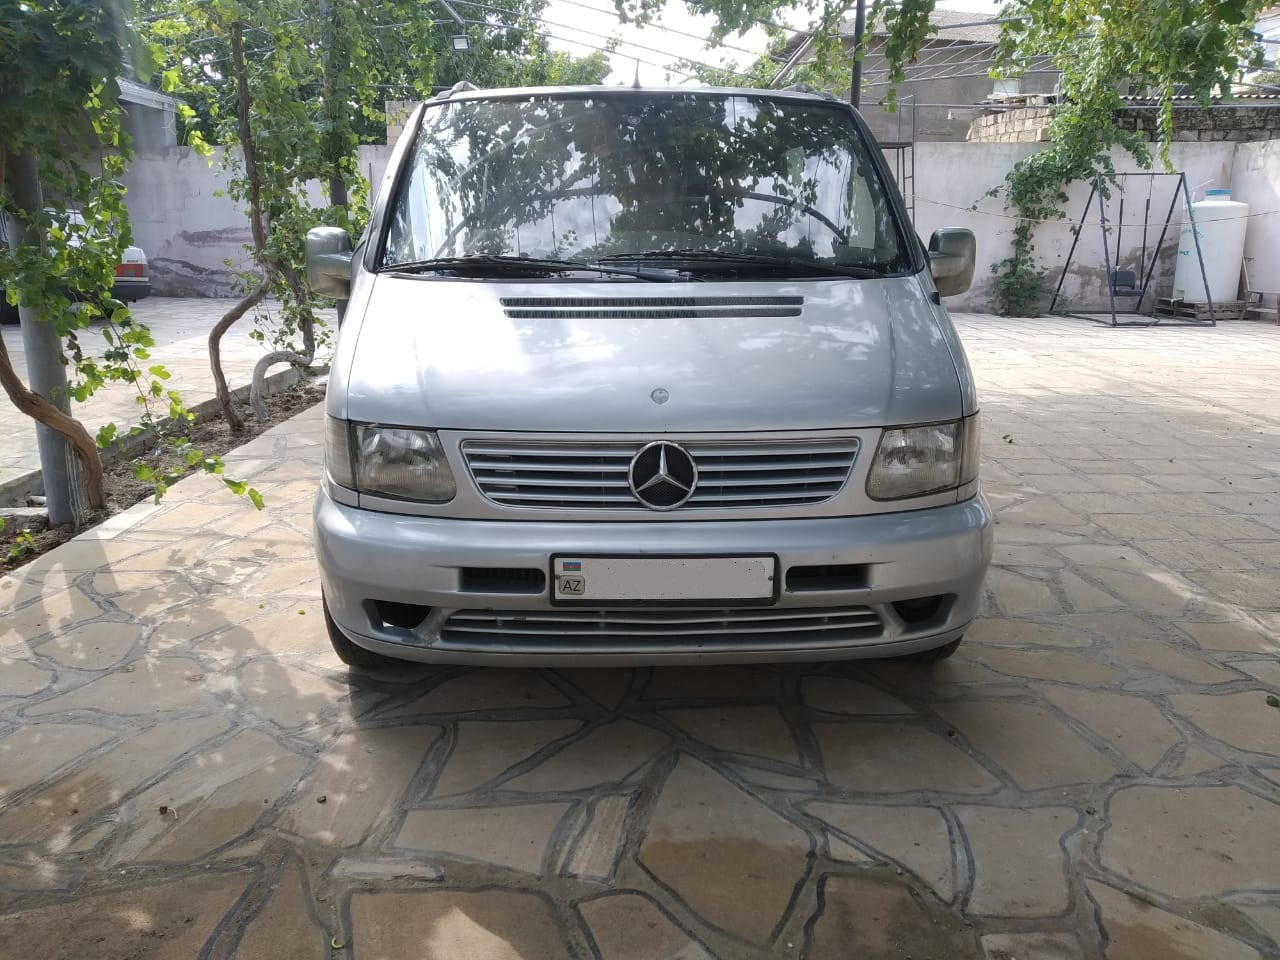 Mercedes-Benz Vito 2.2(lt) 2001 İkinci əl  $14600